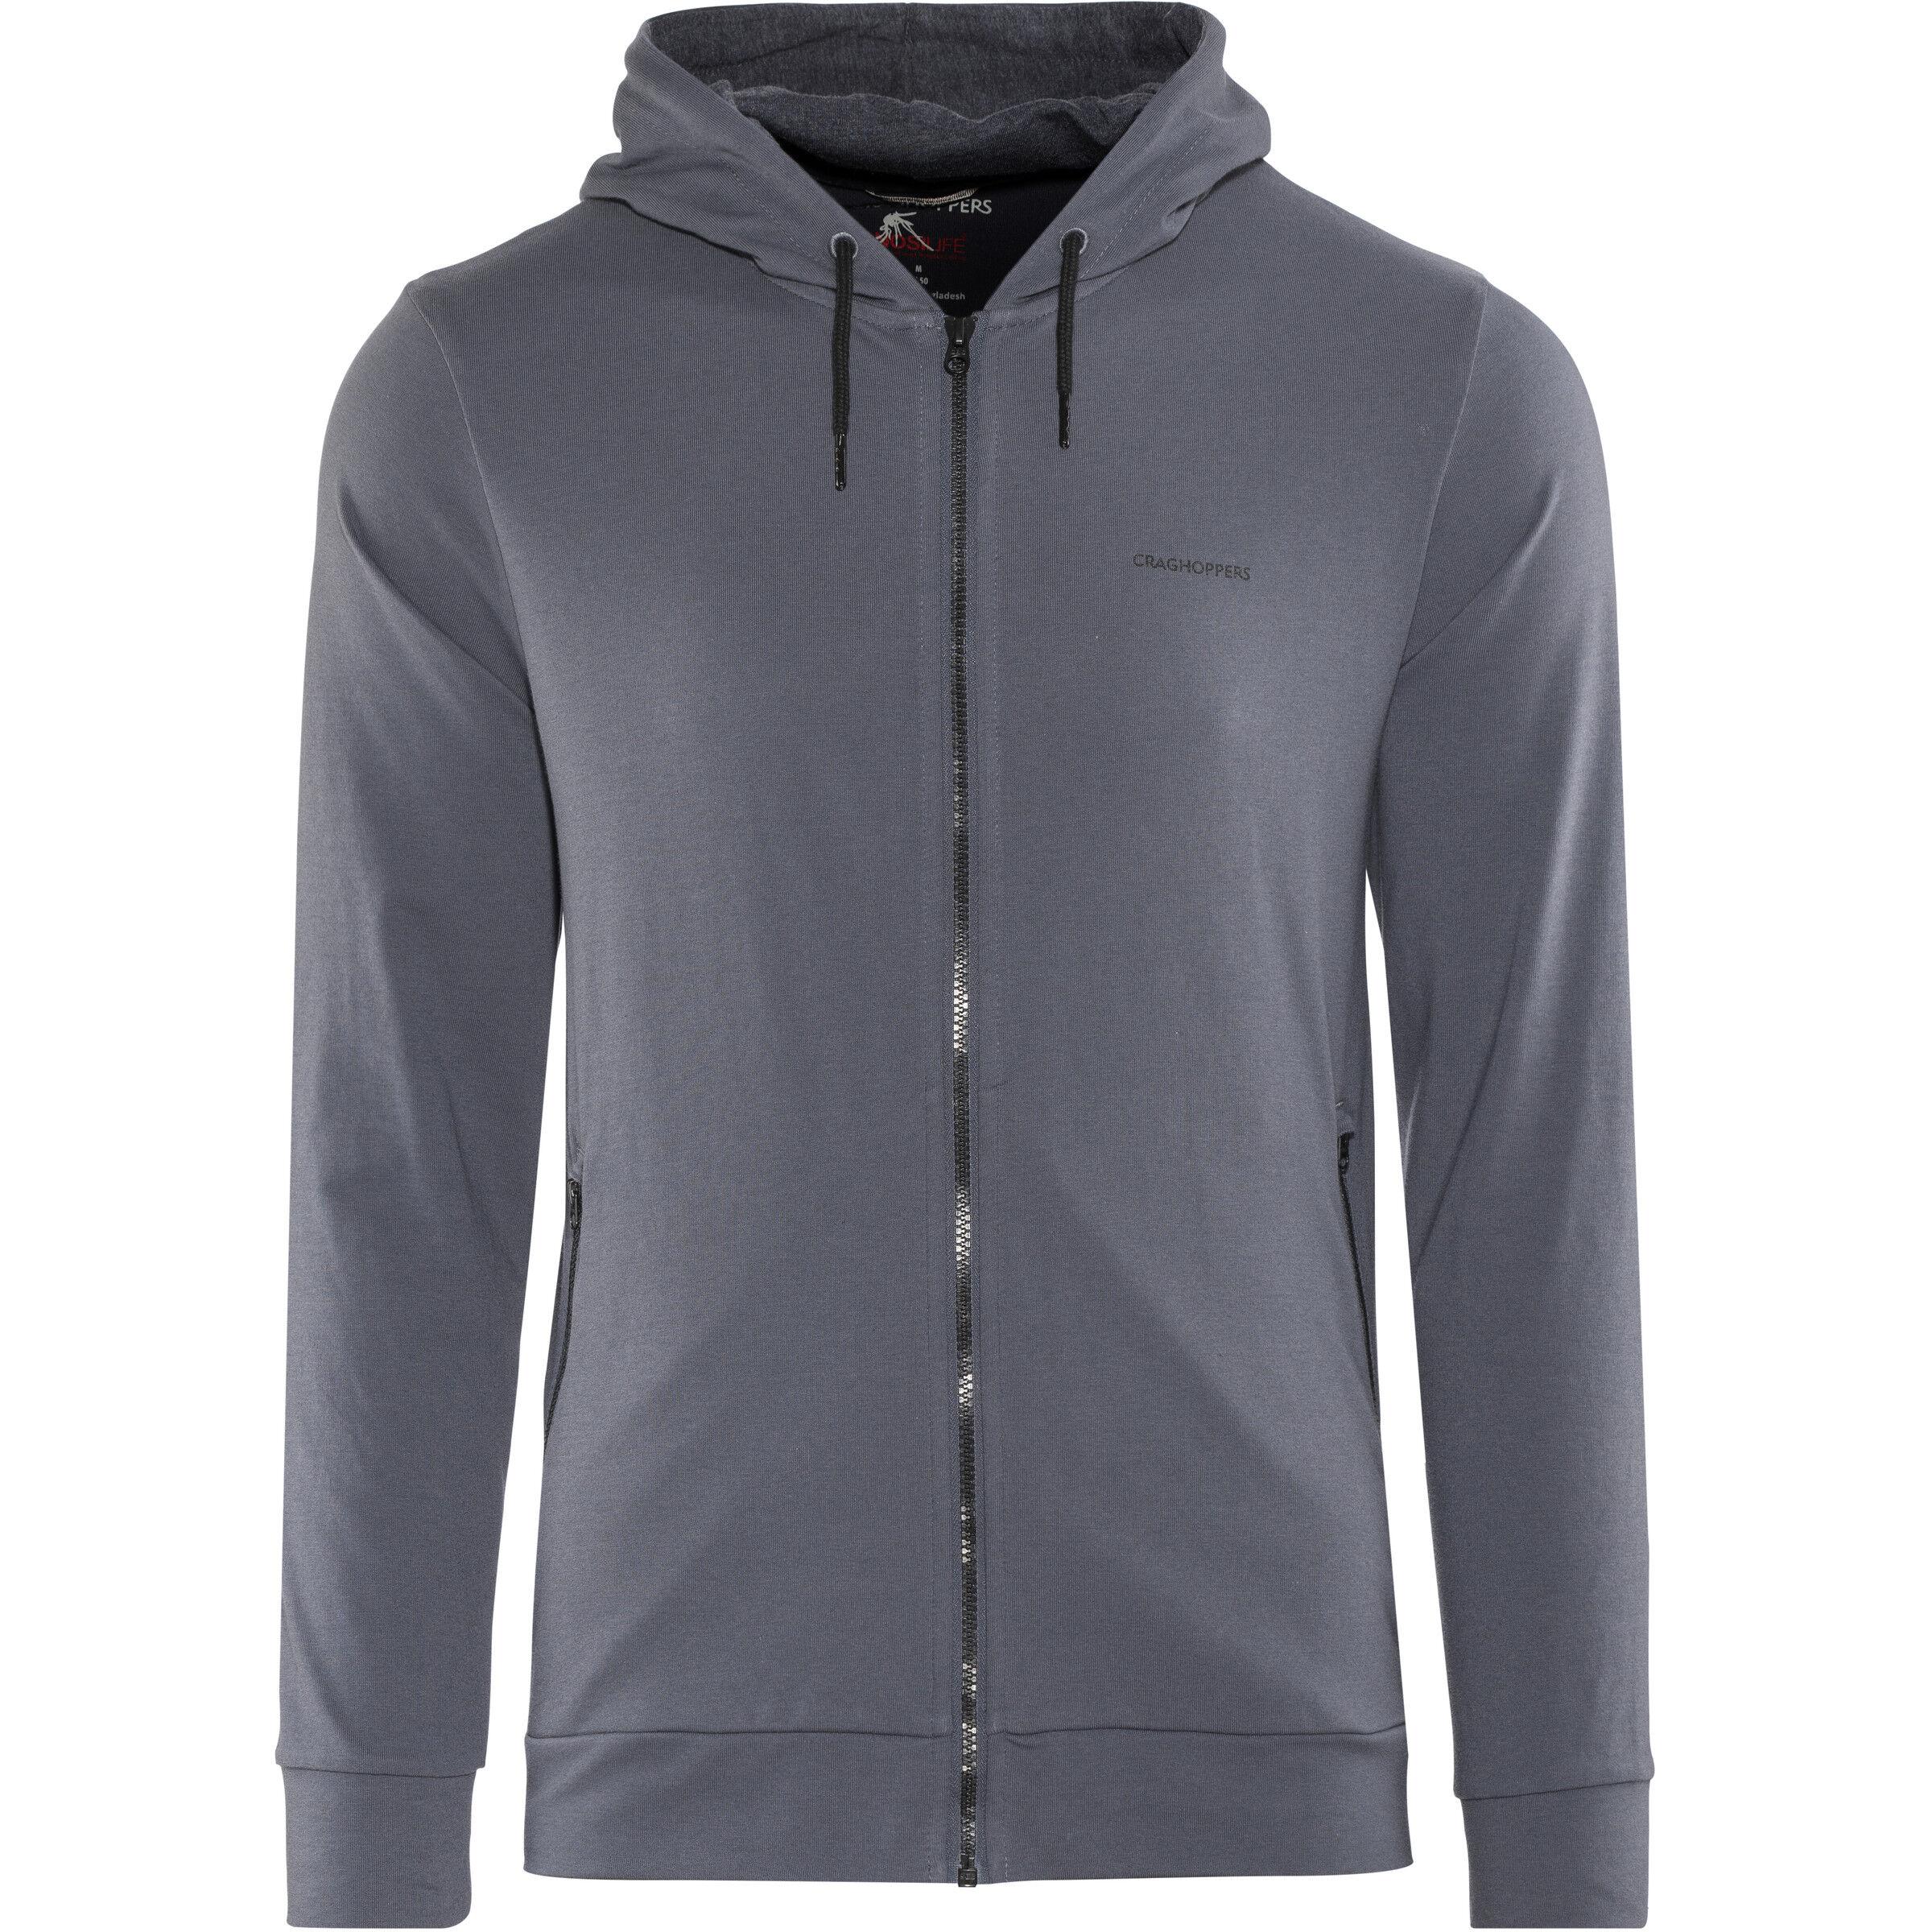 Sweatshirt & Sweatjacke günstig kaufen |